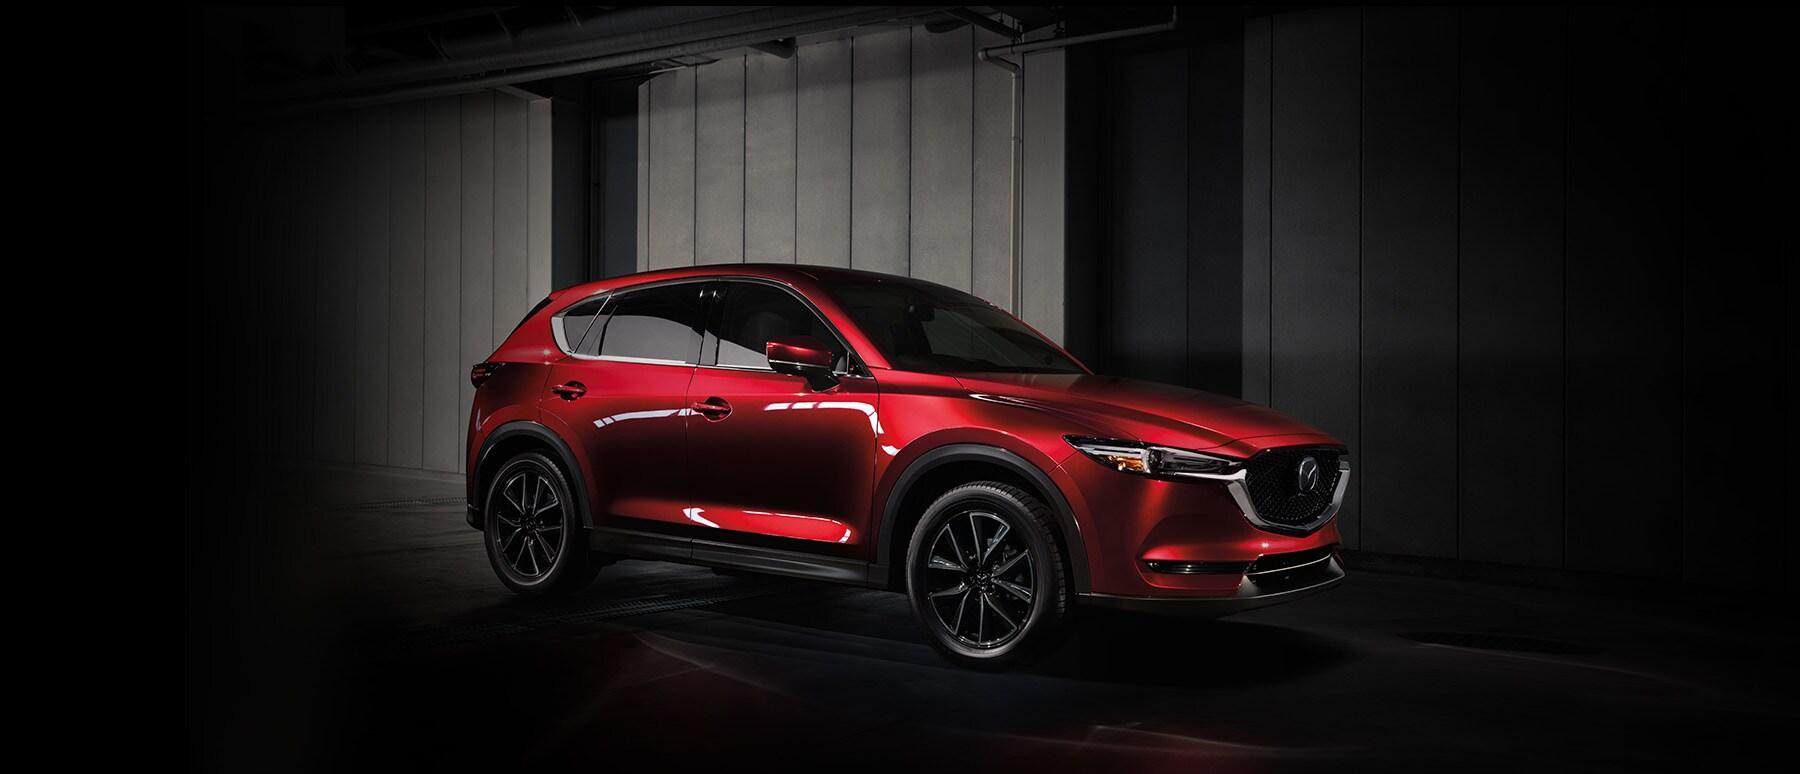 0 Apr Car >> 0 Apr Special Av Mazda Los Angeles Dealership